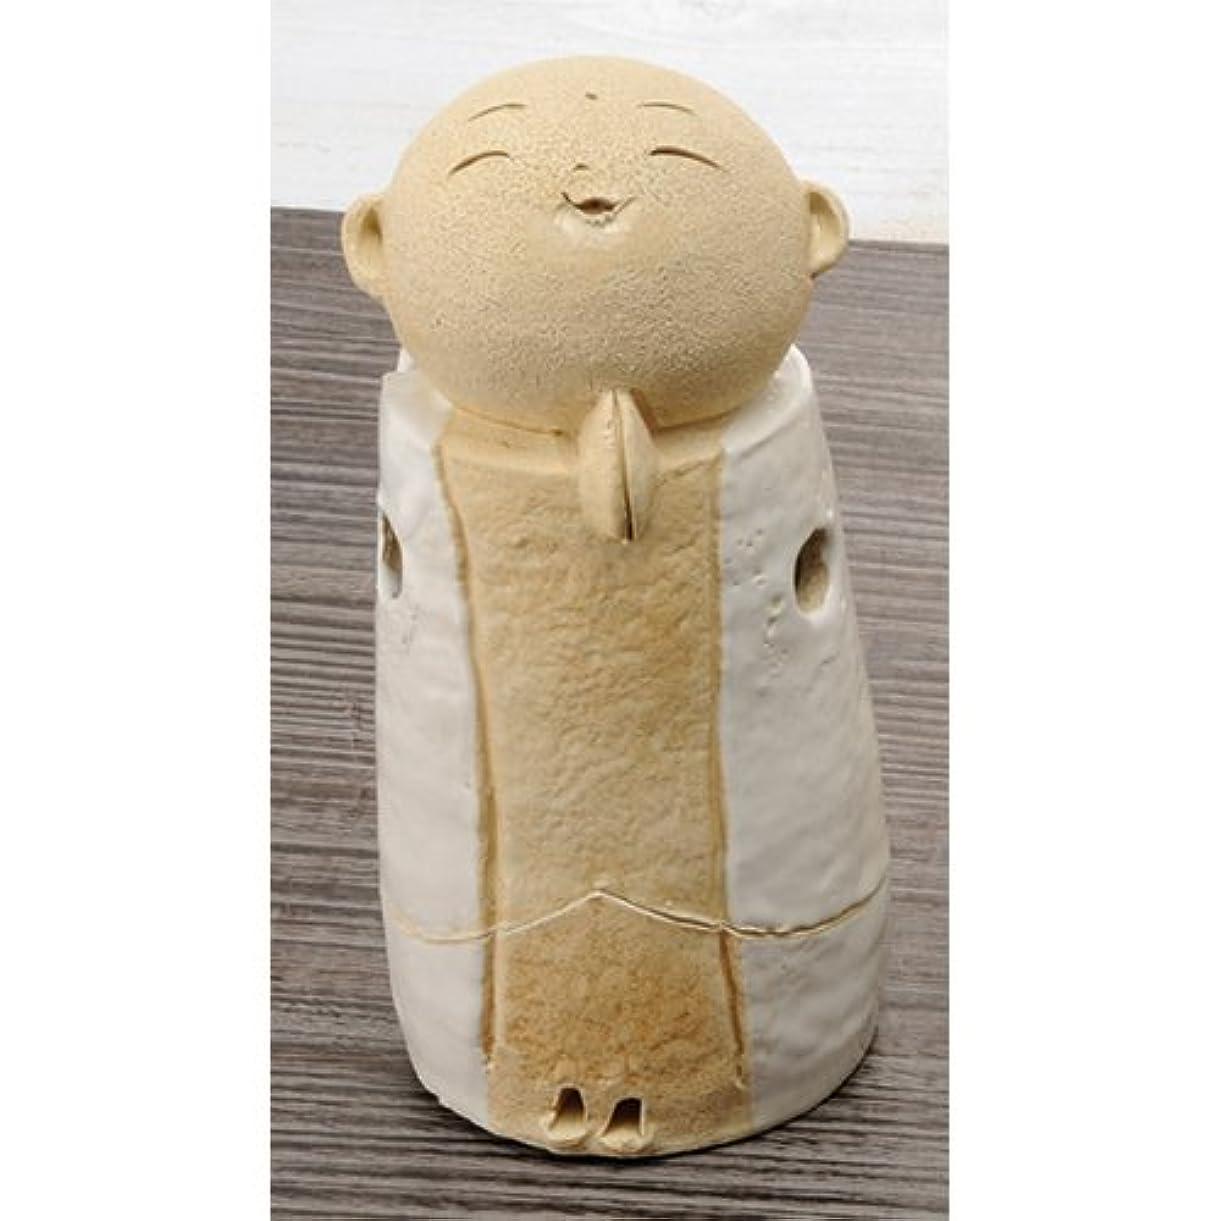 蓮モール一握りお地蔵様 香炉シリーズ 白 お地蔵様 香炉 5.3寸(大) [H15.5cm] HANDMADE プレゼント ギフト 和食器 かわいい インテリア